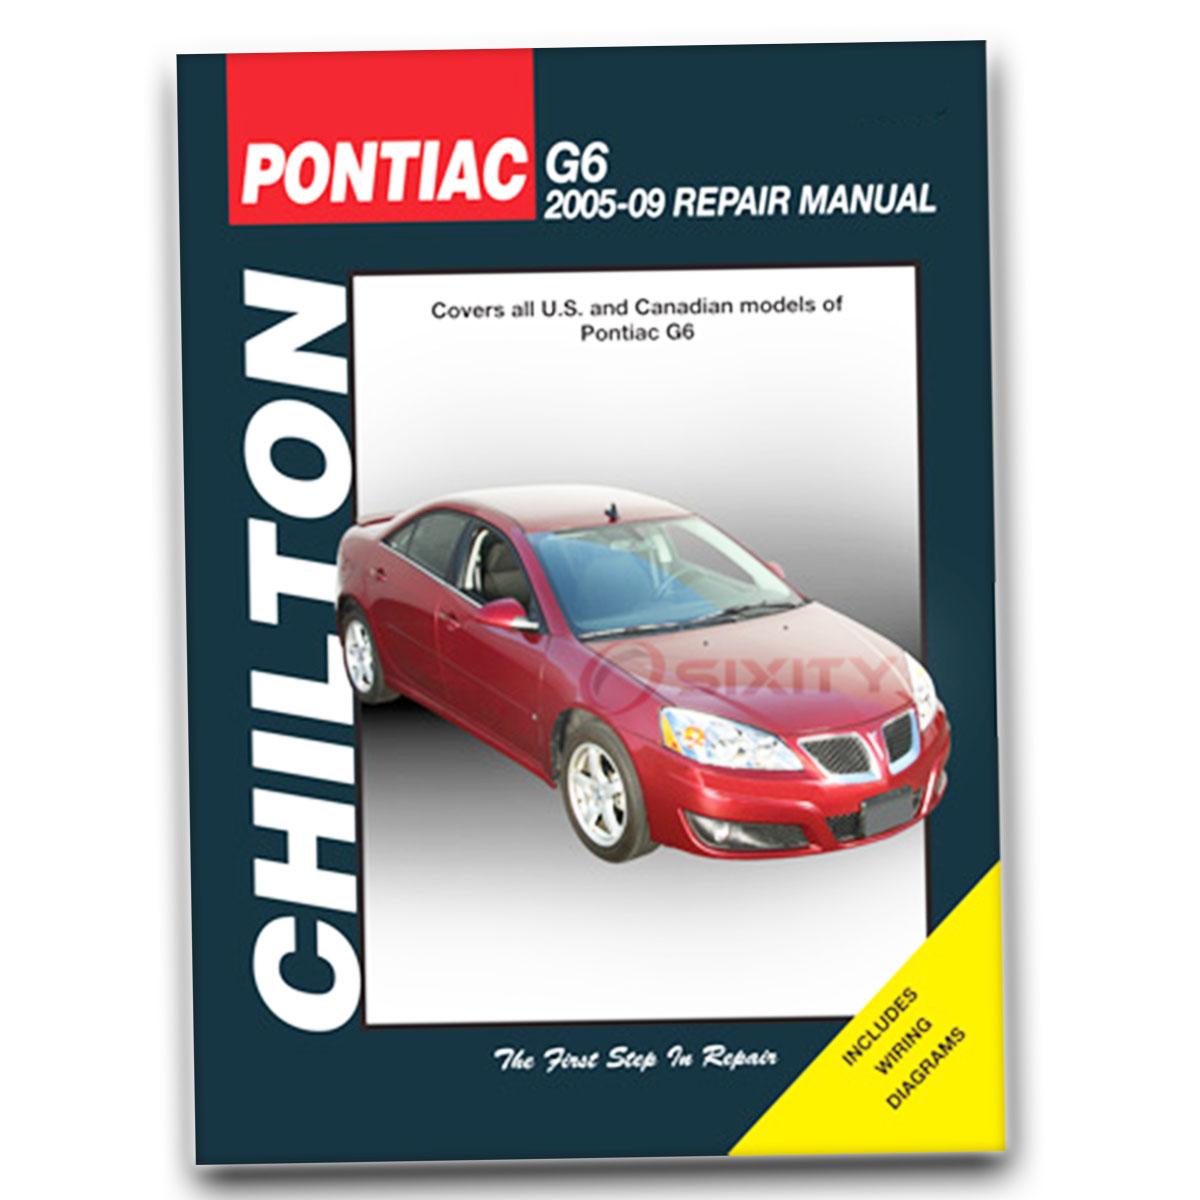 chilton pontiac g6 2005 09 repair manual 28730 shop service garage rh ebay com 2009 pontiac g6 maintenance guide 2008 Pontiac G6